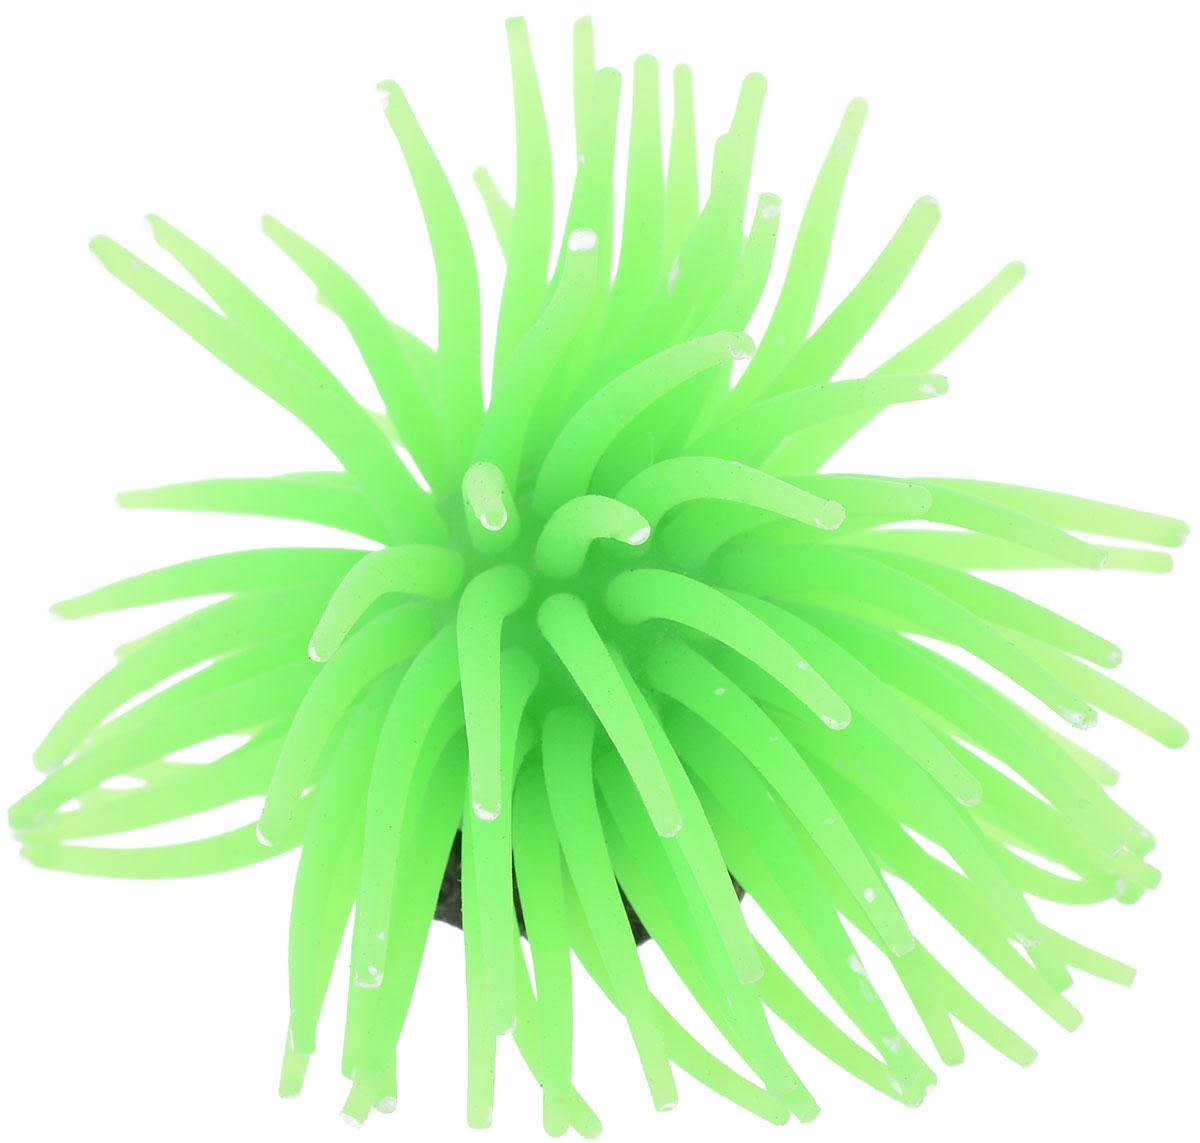 Коралл для аквариума Уют Разноцветные щупальца, силиконовый, цвет: зеленый, 8 х 8 х 7 см игрушка плюшевая для собак multi tex утка цвет зеленый желтый коричневый 19 см х 20 см х 8 см